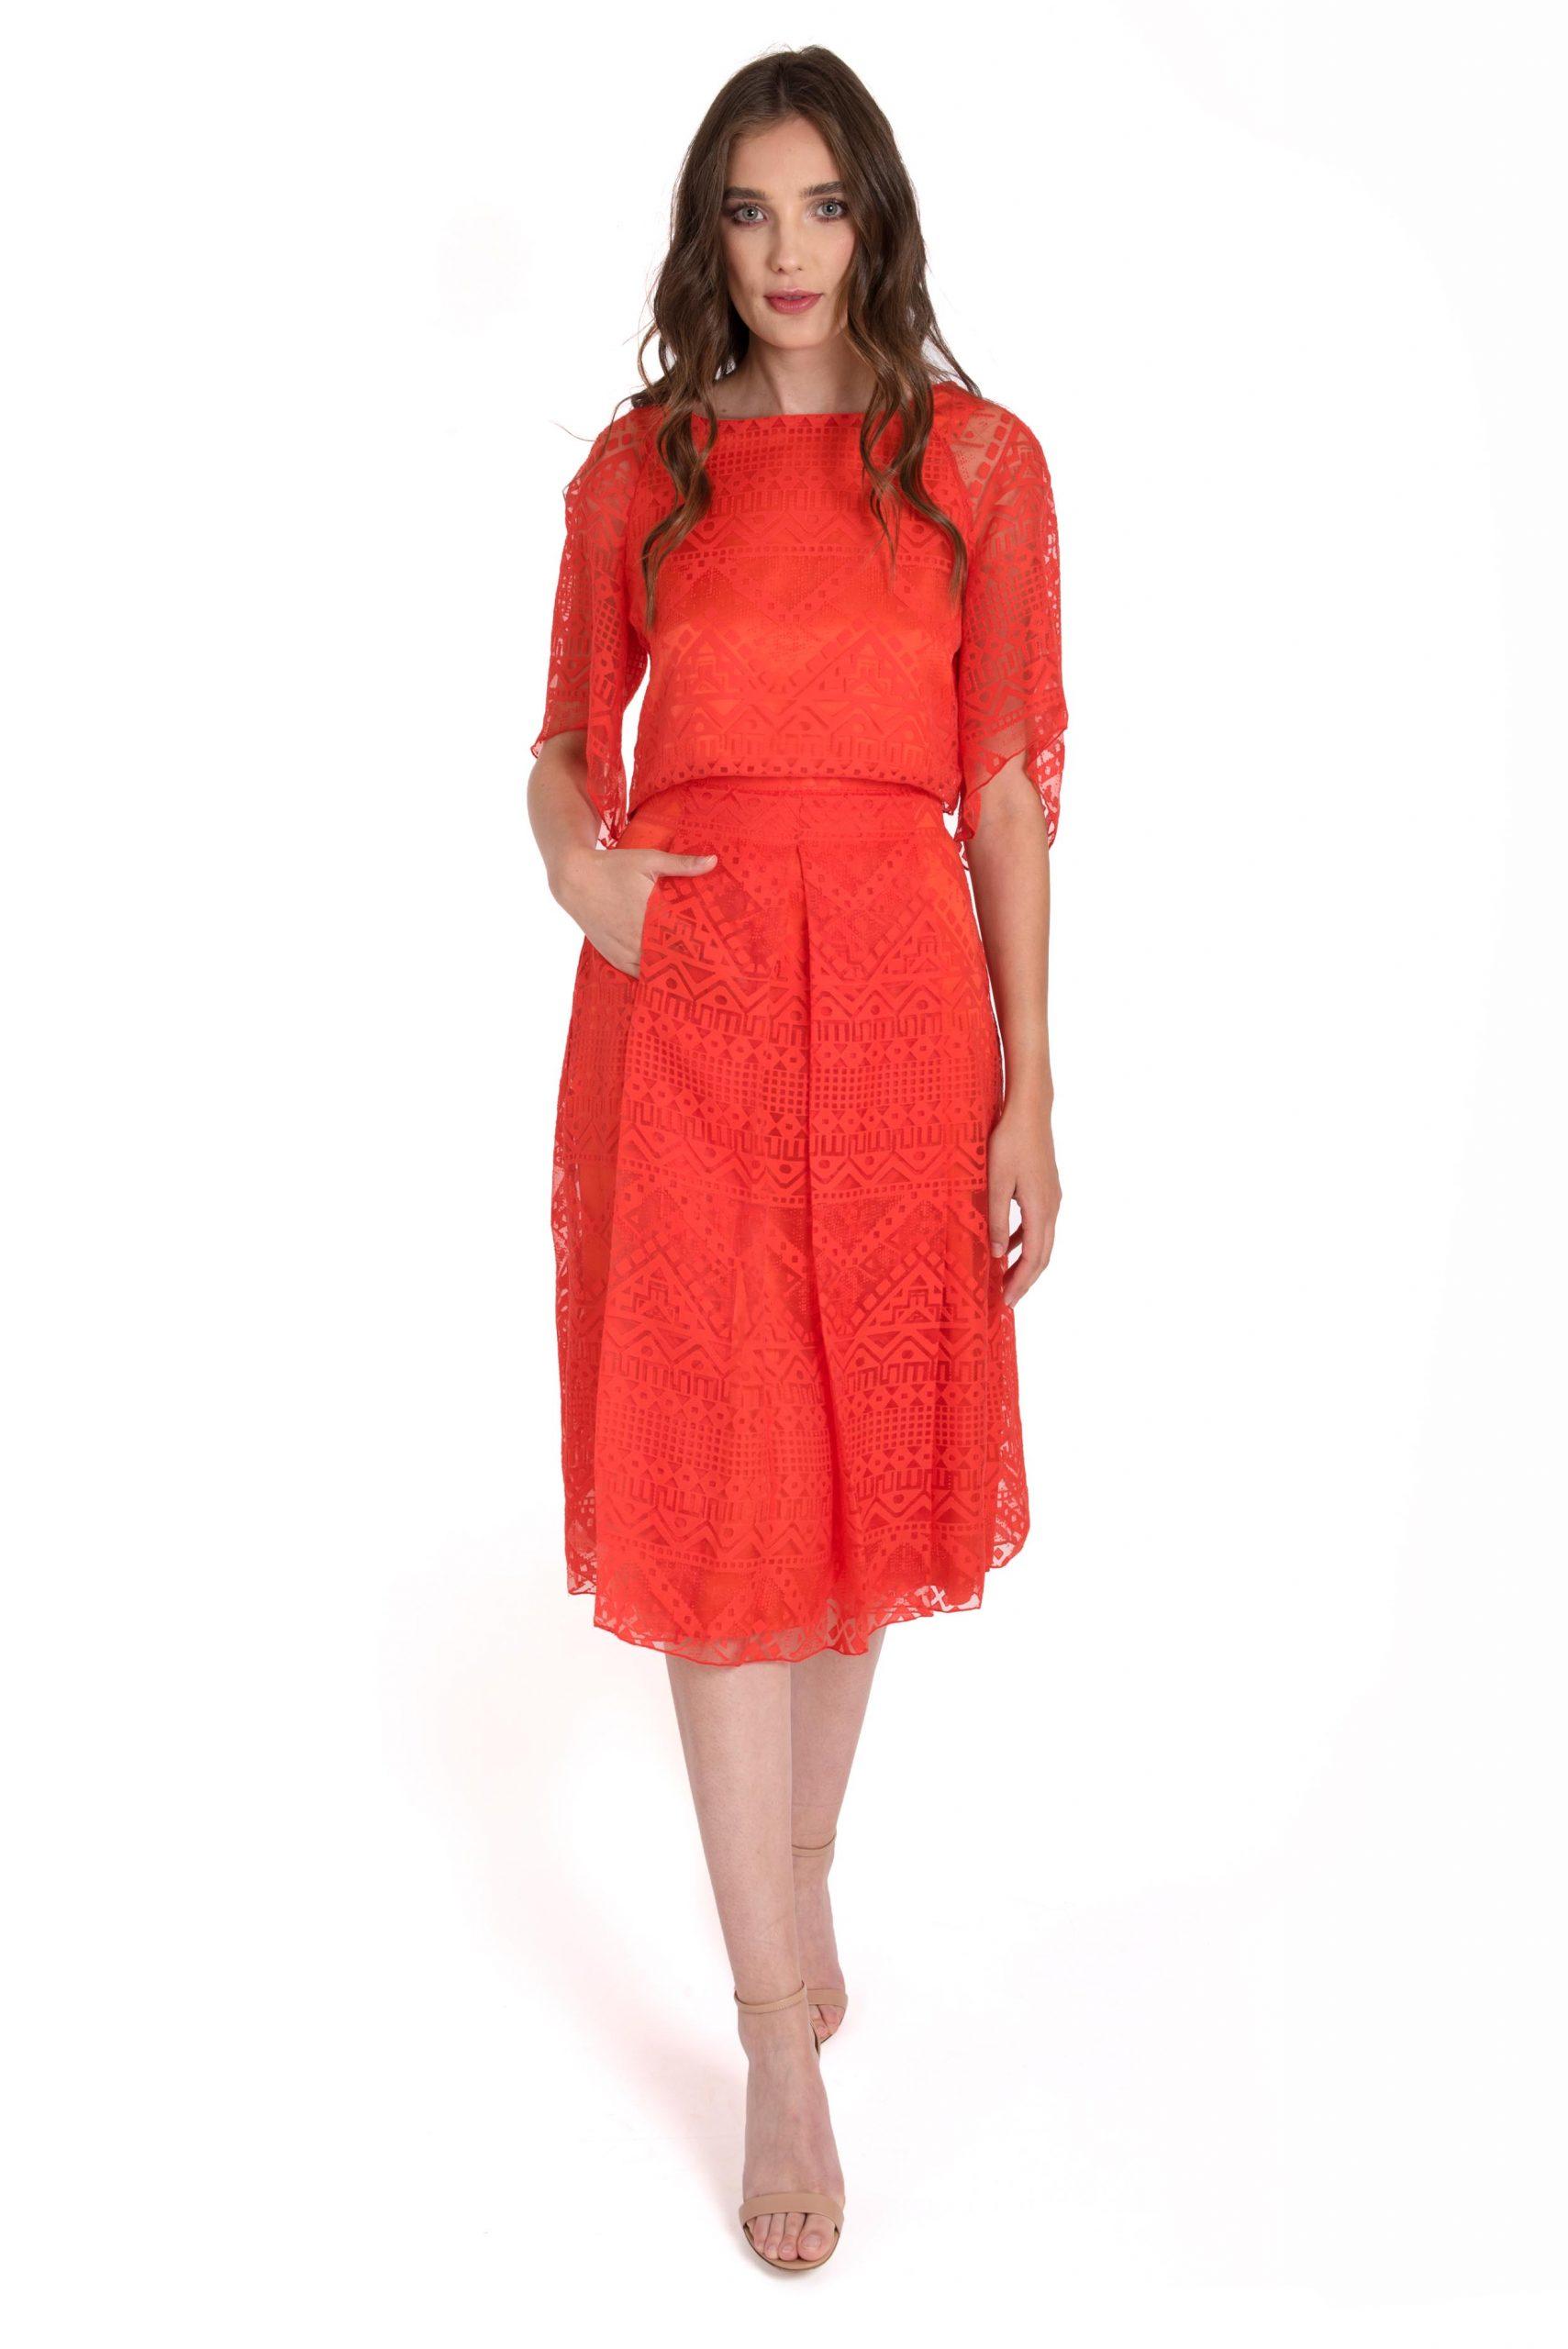 Viscose printed skirt - Viscose printed top